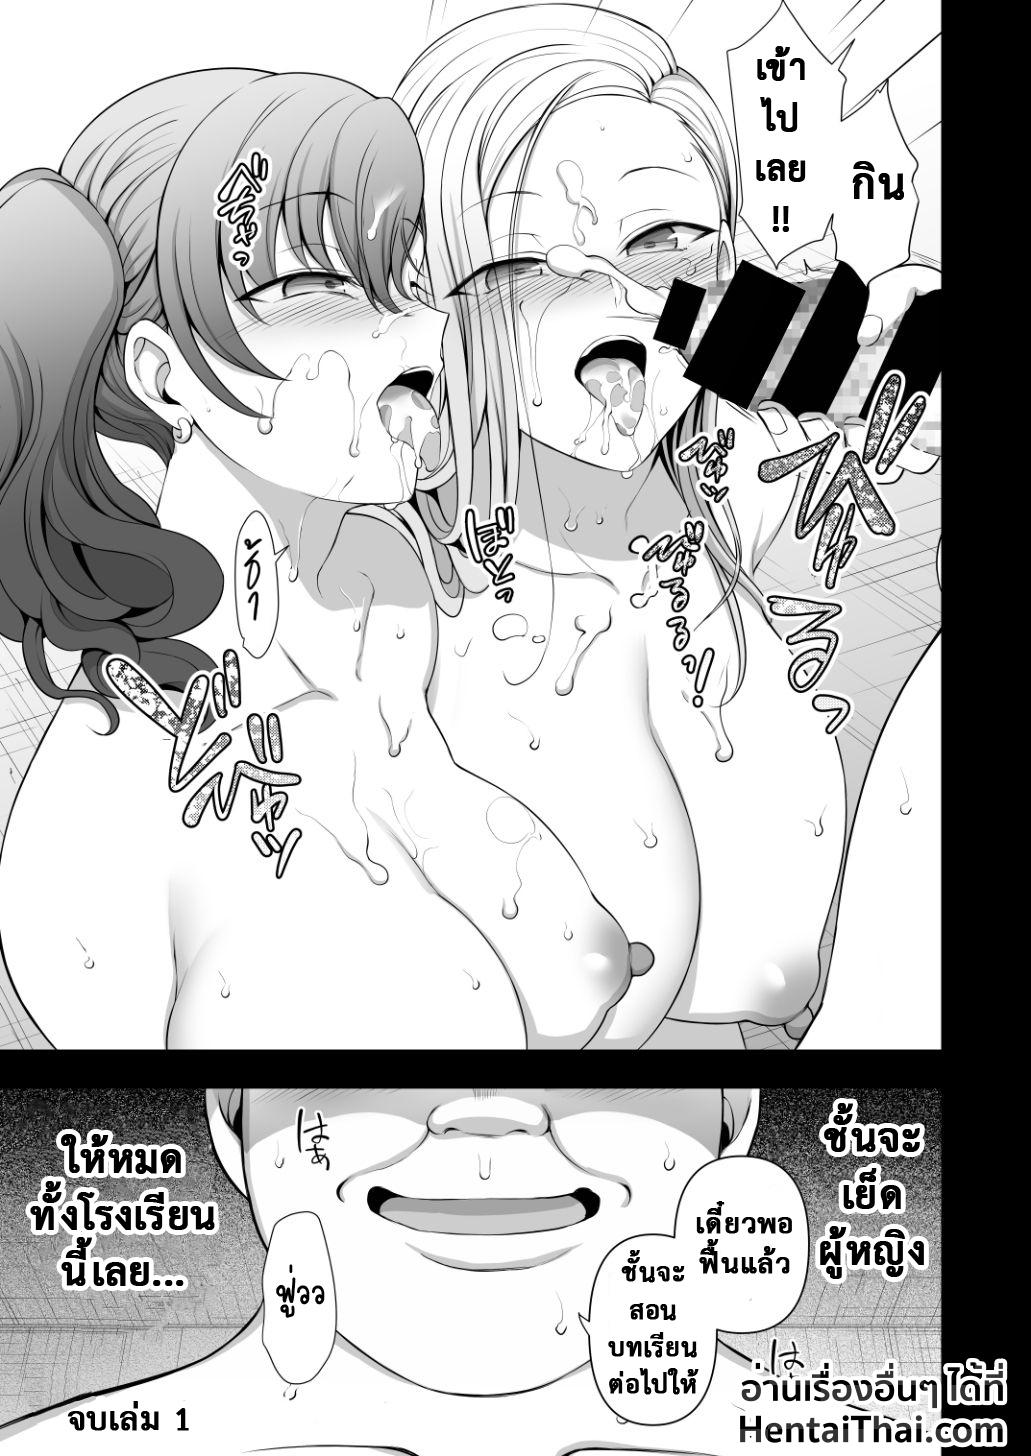 ลวงจิตบังคับร่าง - ทากามิเนะ & ซึชิมะ & เรอิ ภาพ 33